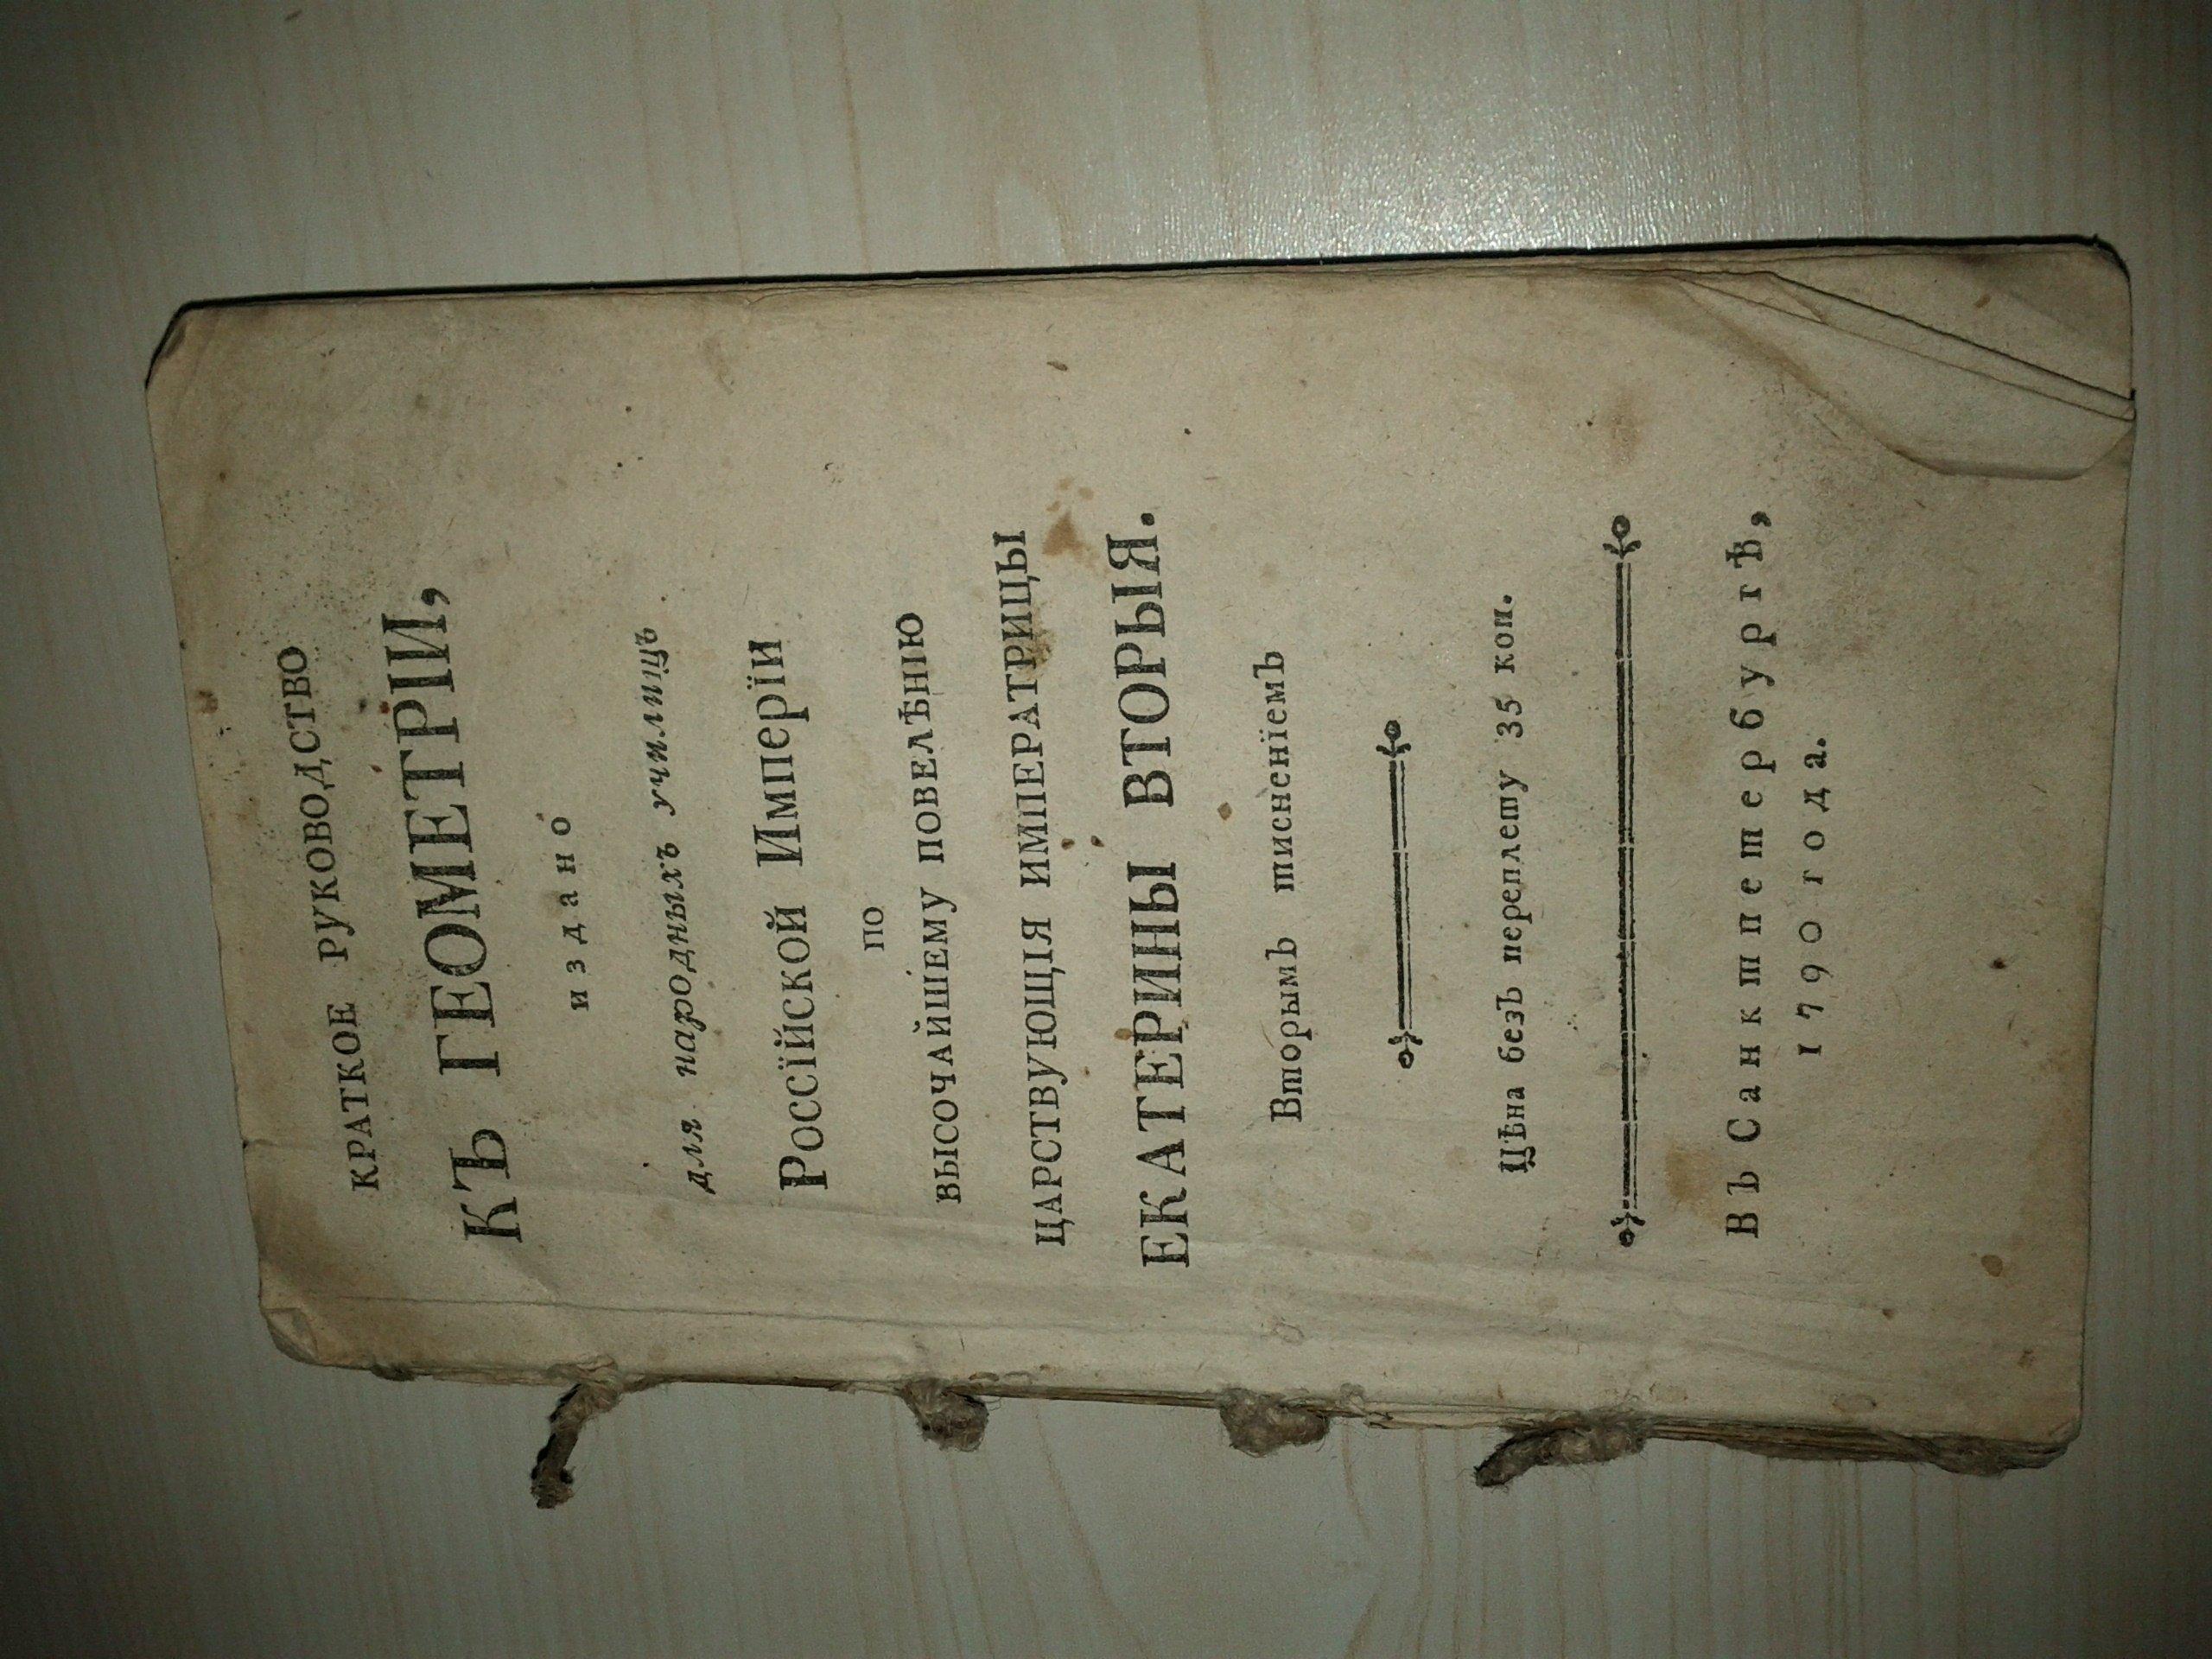 Разбираю старое барахло. Обнаружил учебник краткое руководство по геометрии изданное по велению Екатерины Второй в 1 ... - Изображение 1